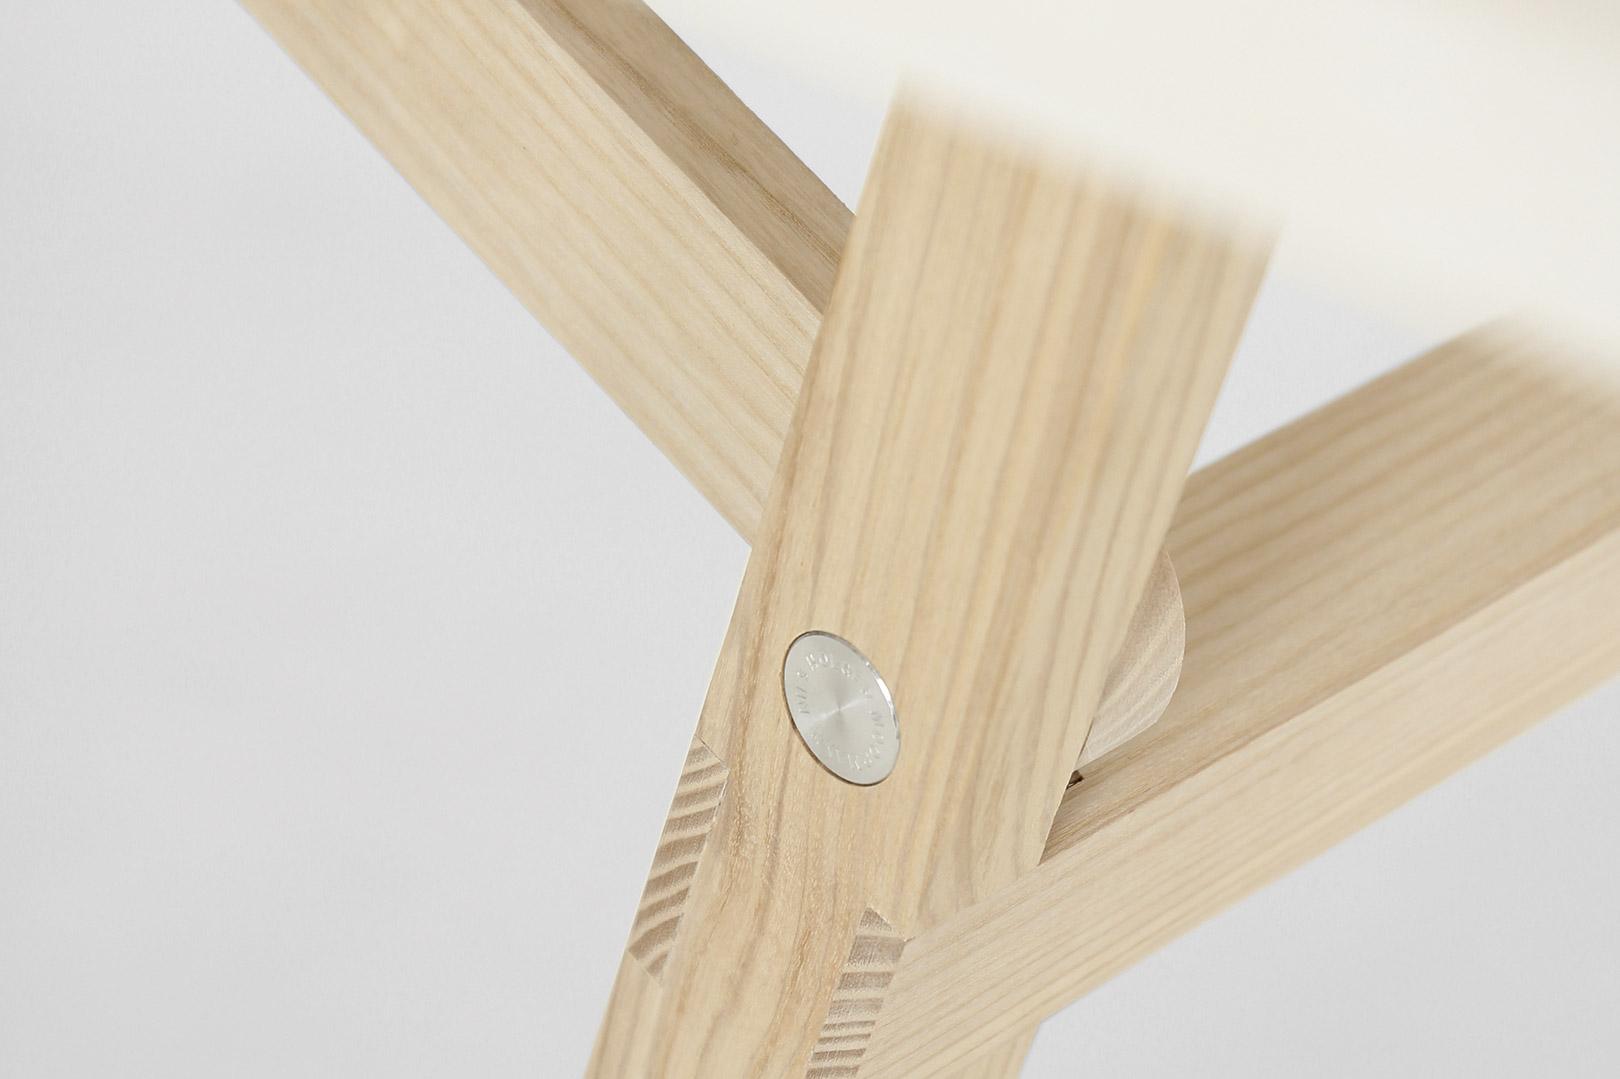 nils holger moormann klopstock jan luppes interieurs. Black Bedroom Furniture Sets. Home Design Ideas